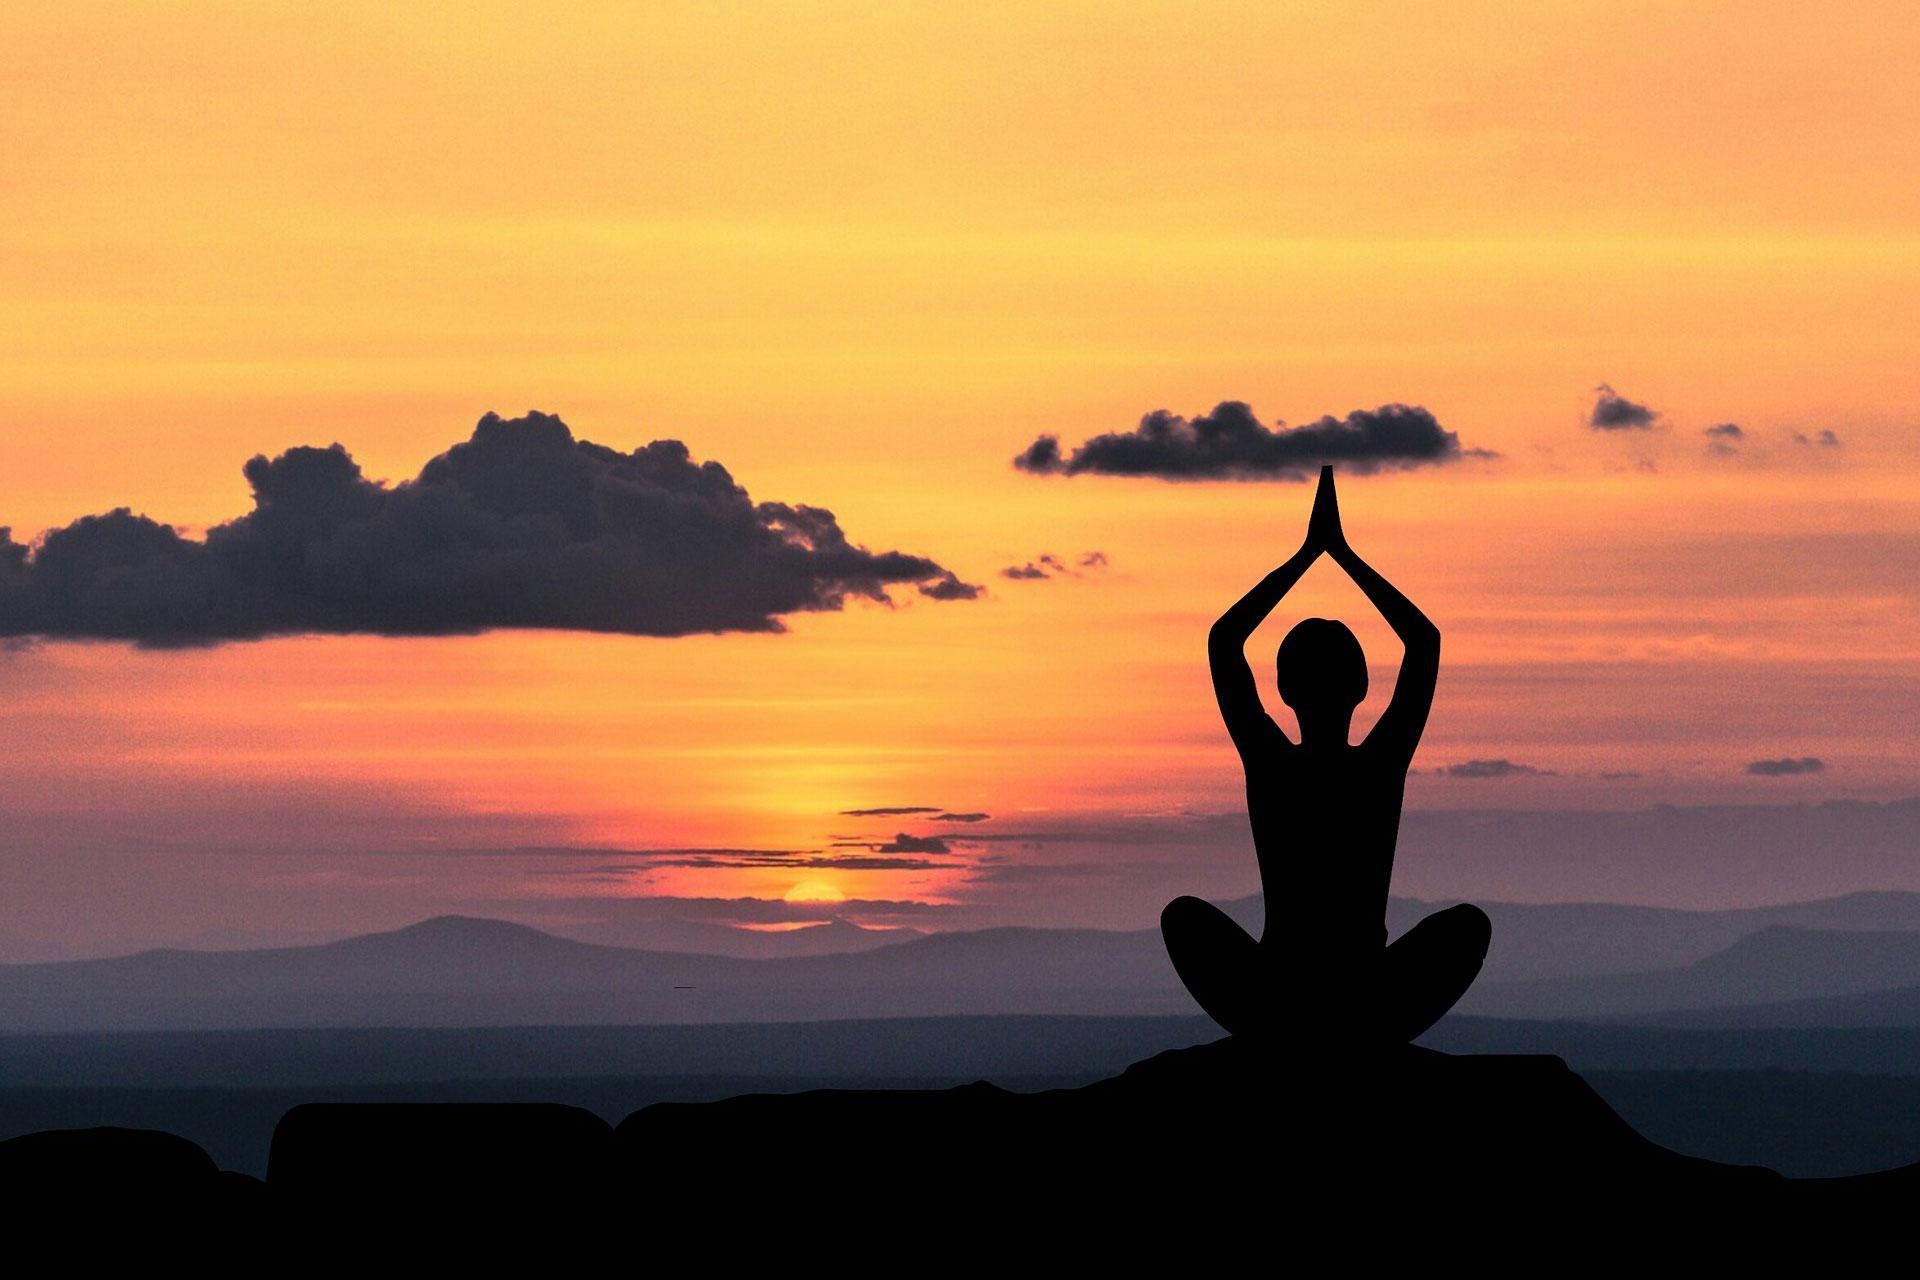 योग र ध्यान गर्नेबित्तिकै अनुभव गर्न सकिन्छ यस्तो परिवर्तन